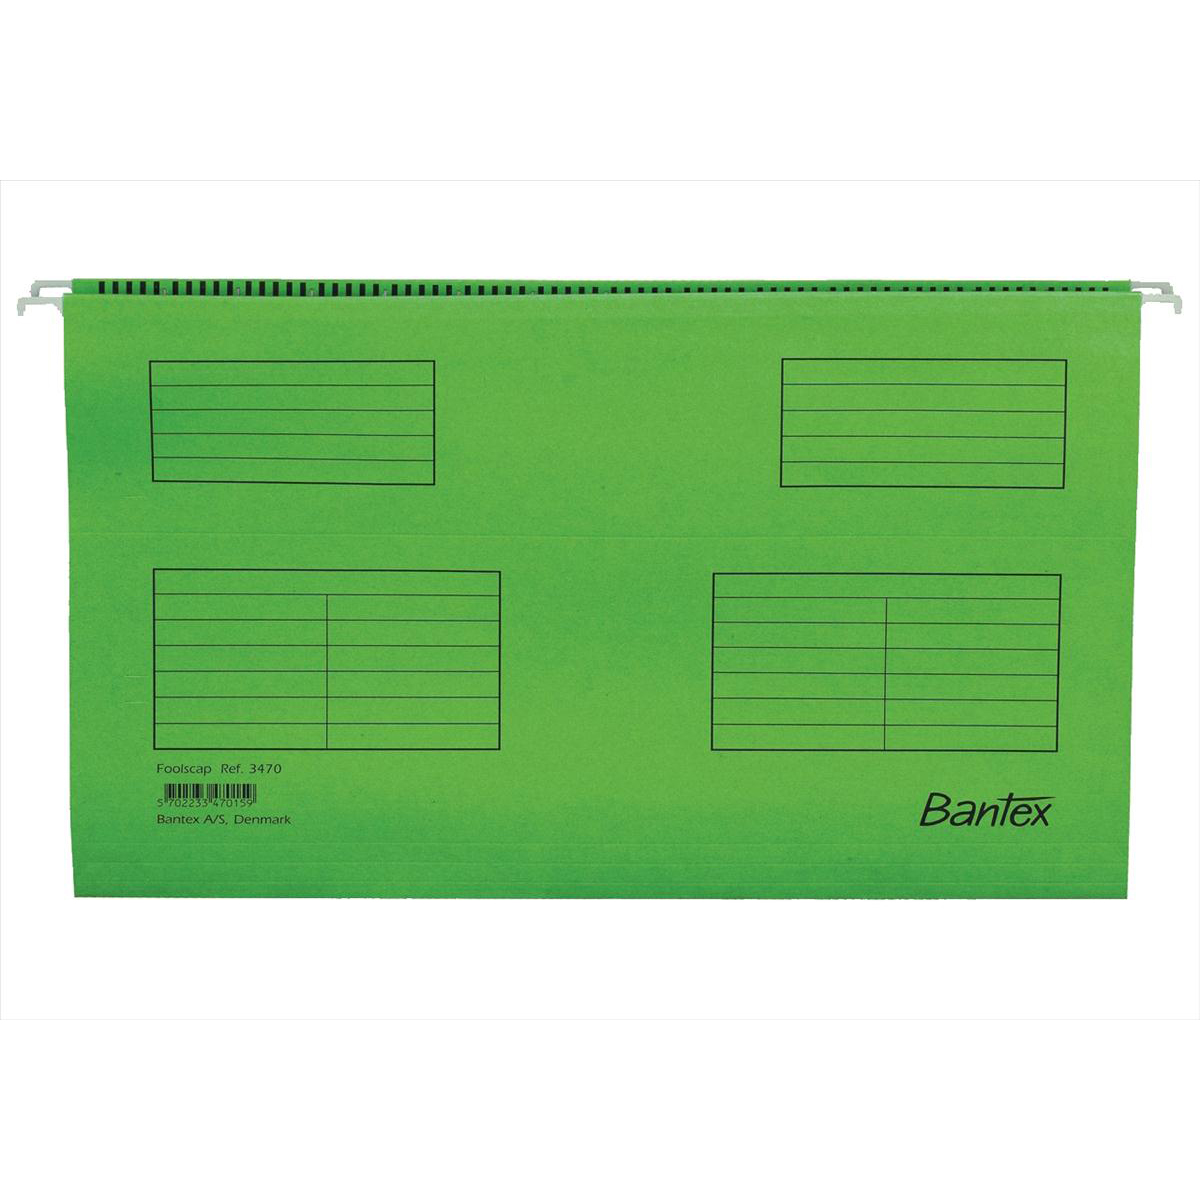 Bantex Flex Suspension File Kraft V-Base 15mm 220gsm Foolscap Green Ref 100331441 Pack 25